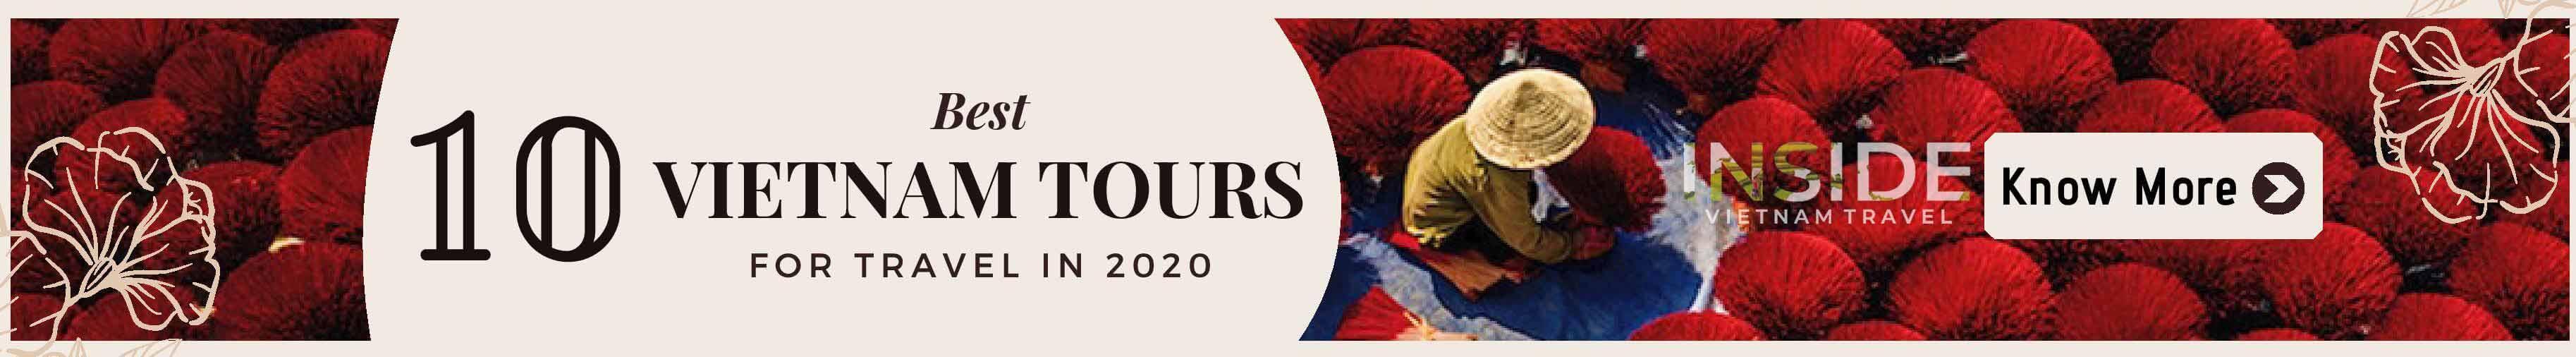 Vietnam Tours 2020